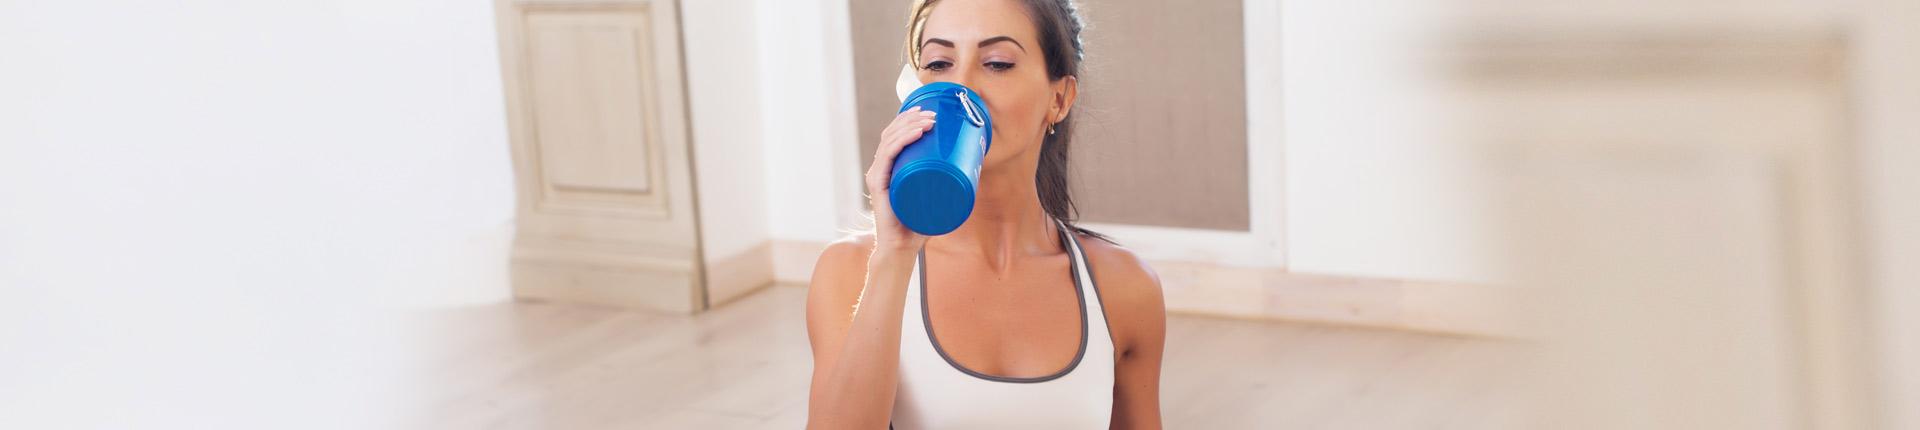 Odżywka białkowa podczas odchudzania